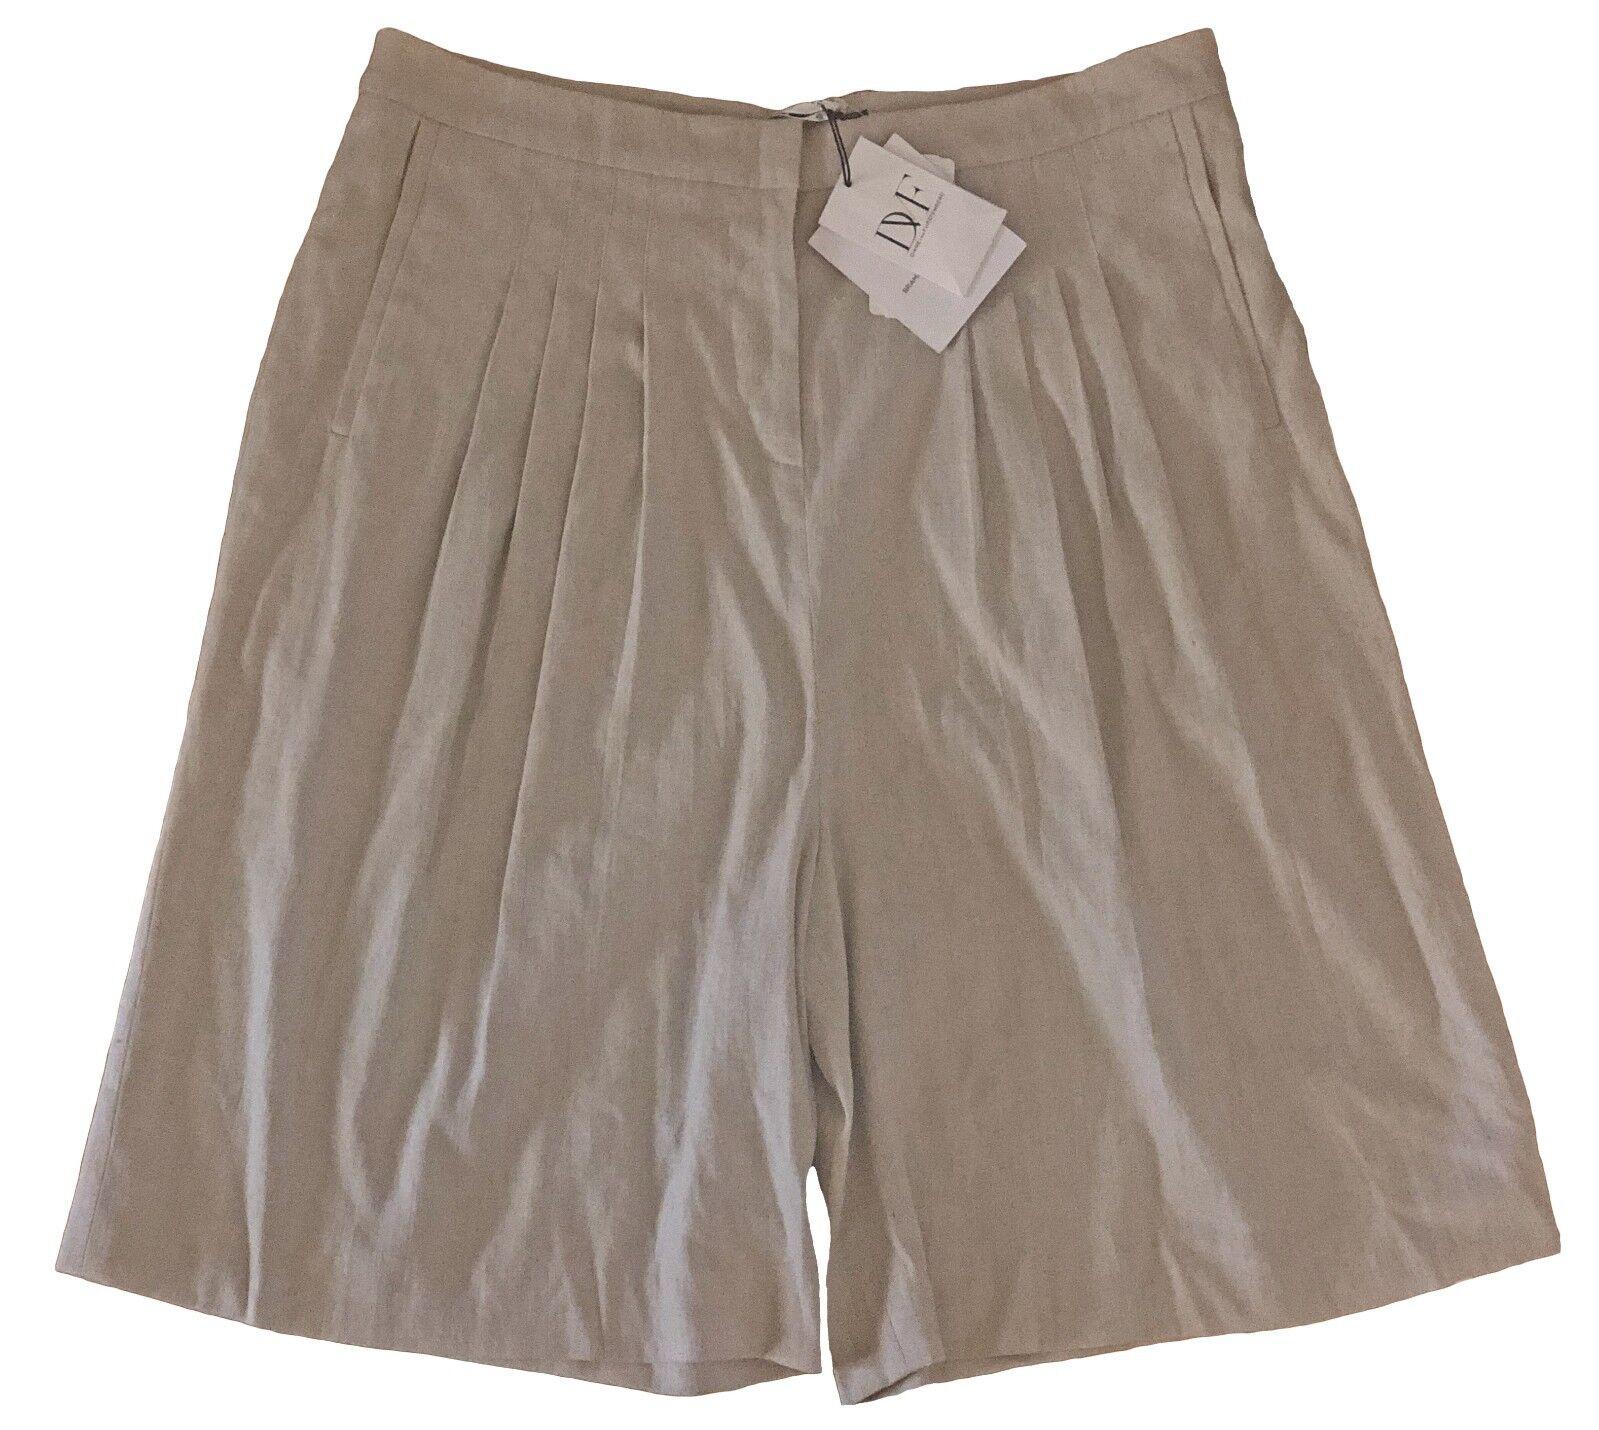 245 Diane Von Furstenberg DVF Bramarama Stretch Linen Pleated Bermuda Shorts